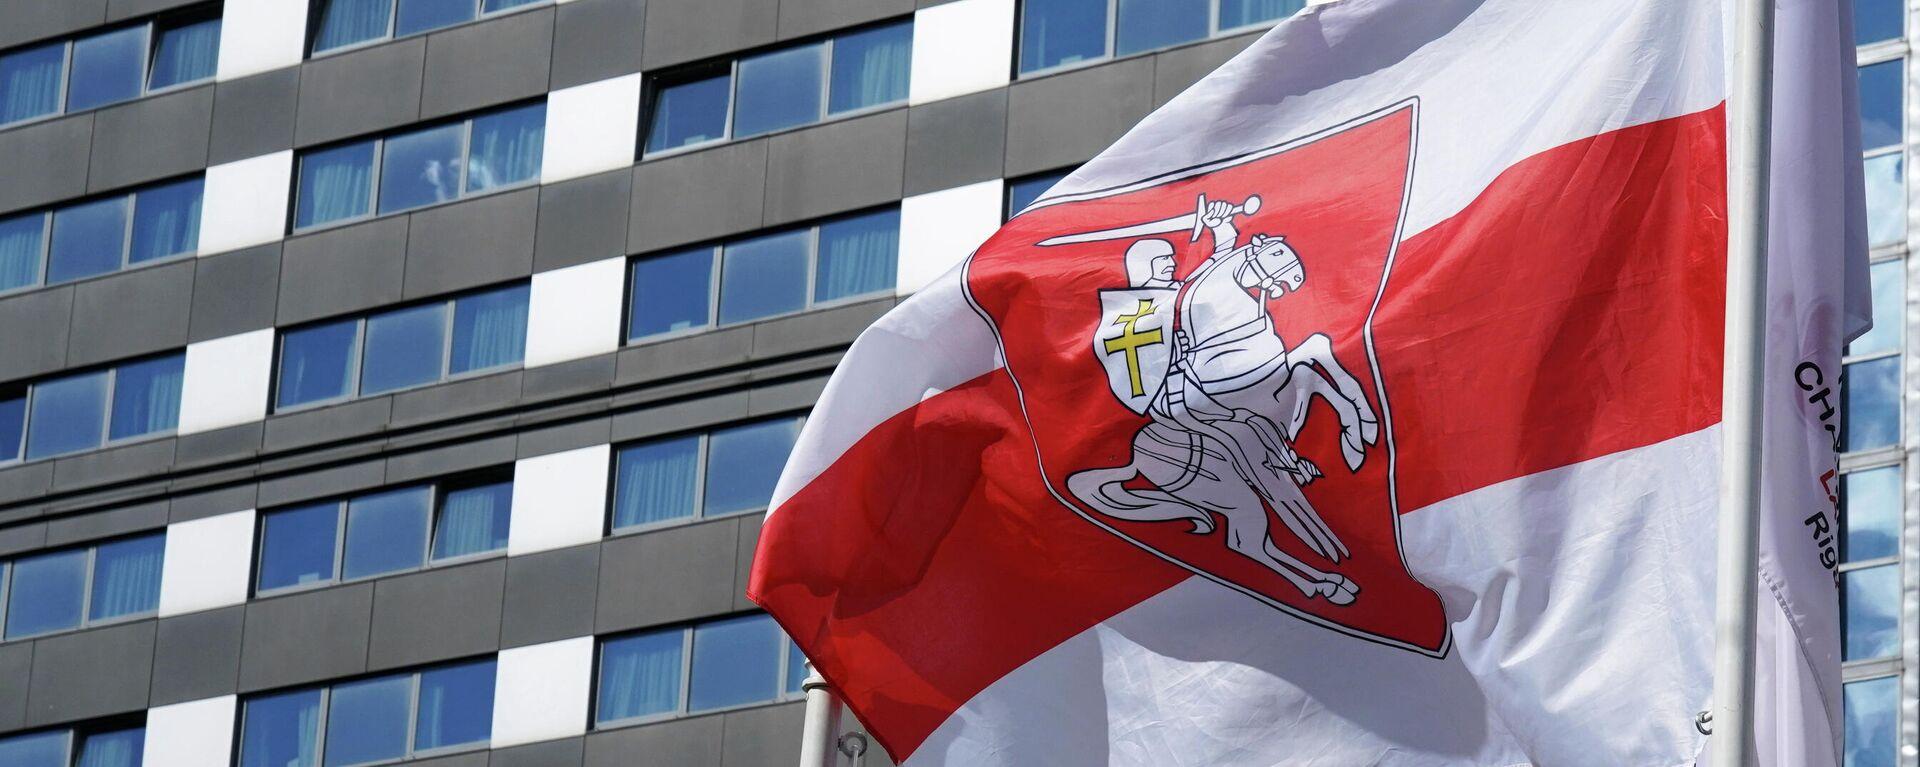 Bandera roja y blanca que utiliza la oposición bielorrusa, en el Campeonato Mundial de Hockey sobre Hielo - Sputnik Mundo, 1920, 25.05.2021